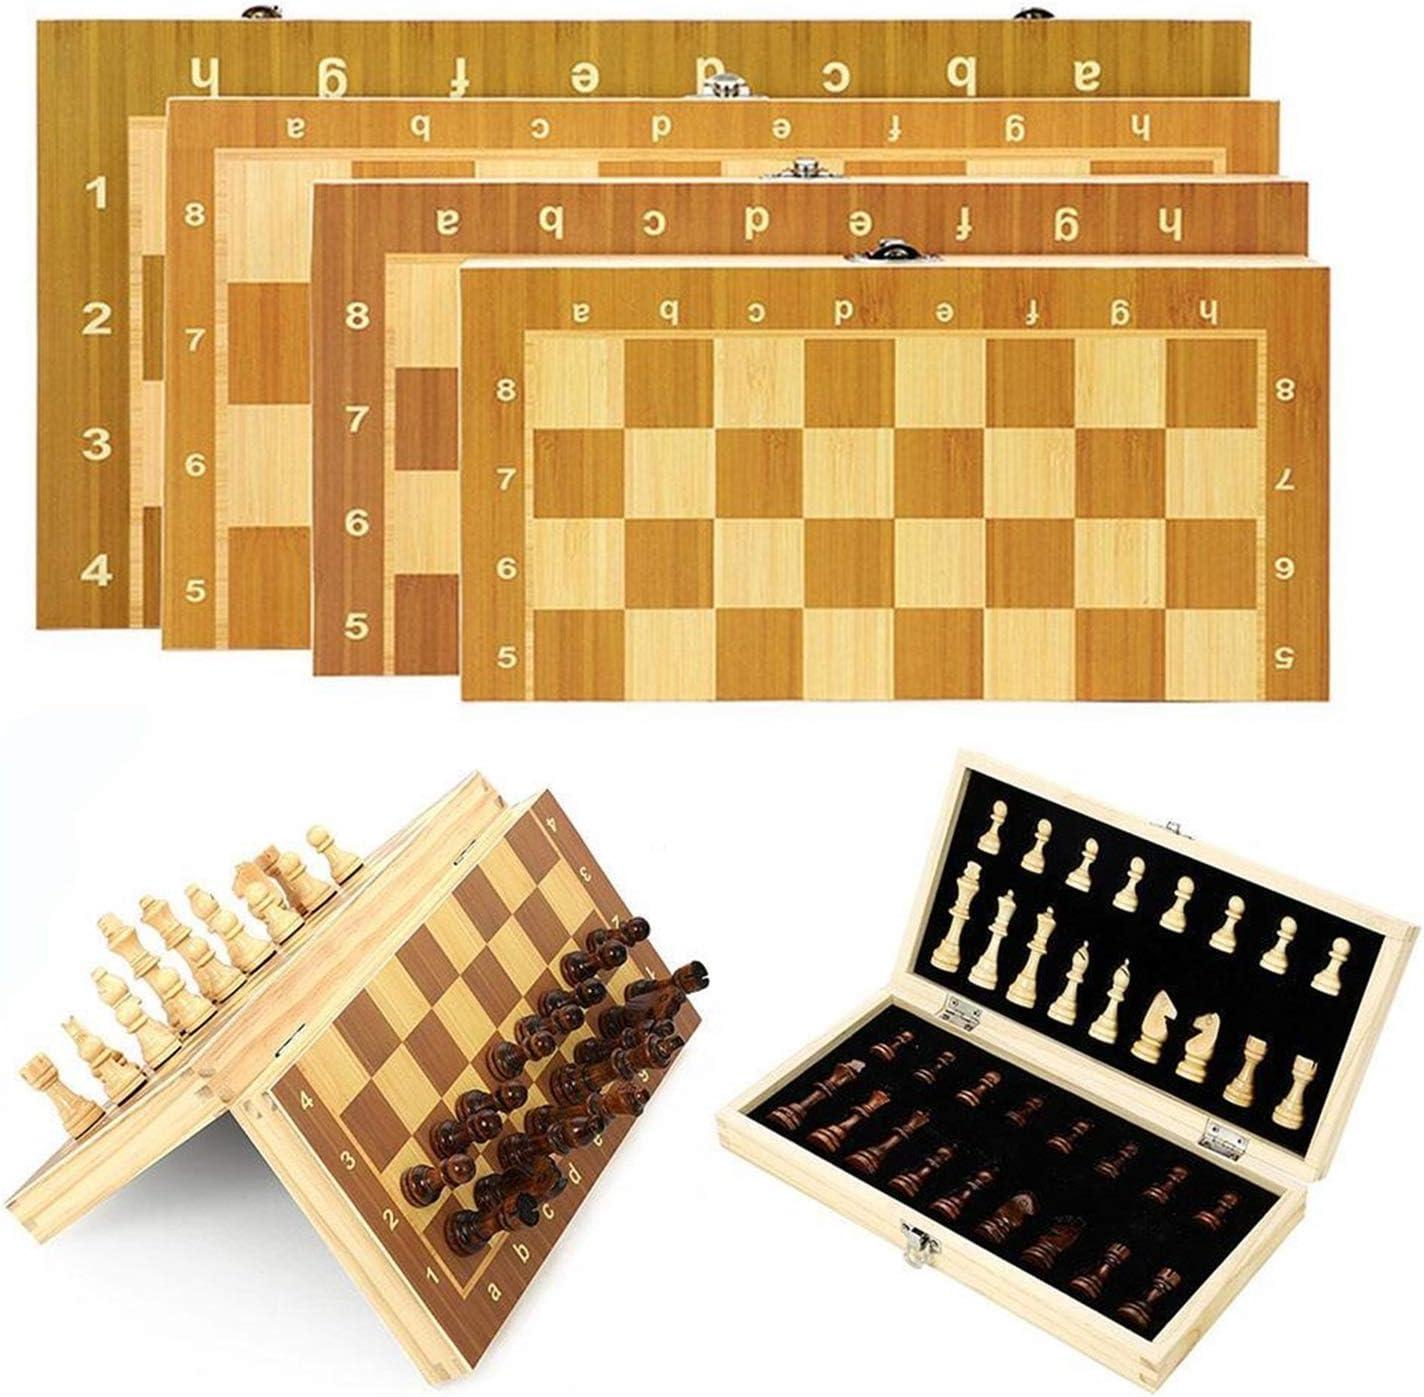 SIWJ 자기 체스에 설정 나무로 되는 접이식 체스판을 설정하는 여행 게임을 자국제 체스커 성인이 지적 재산권 보드 게임 장난감 선물(색상:39CM X39CM)